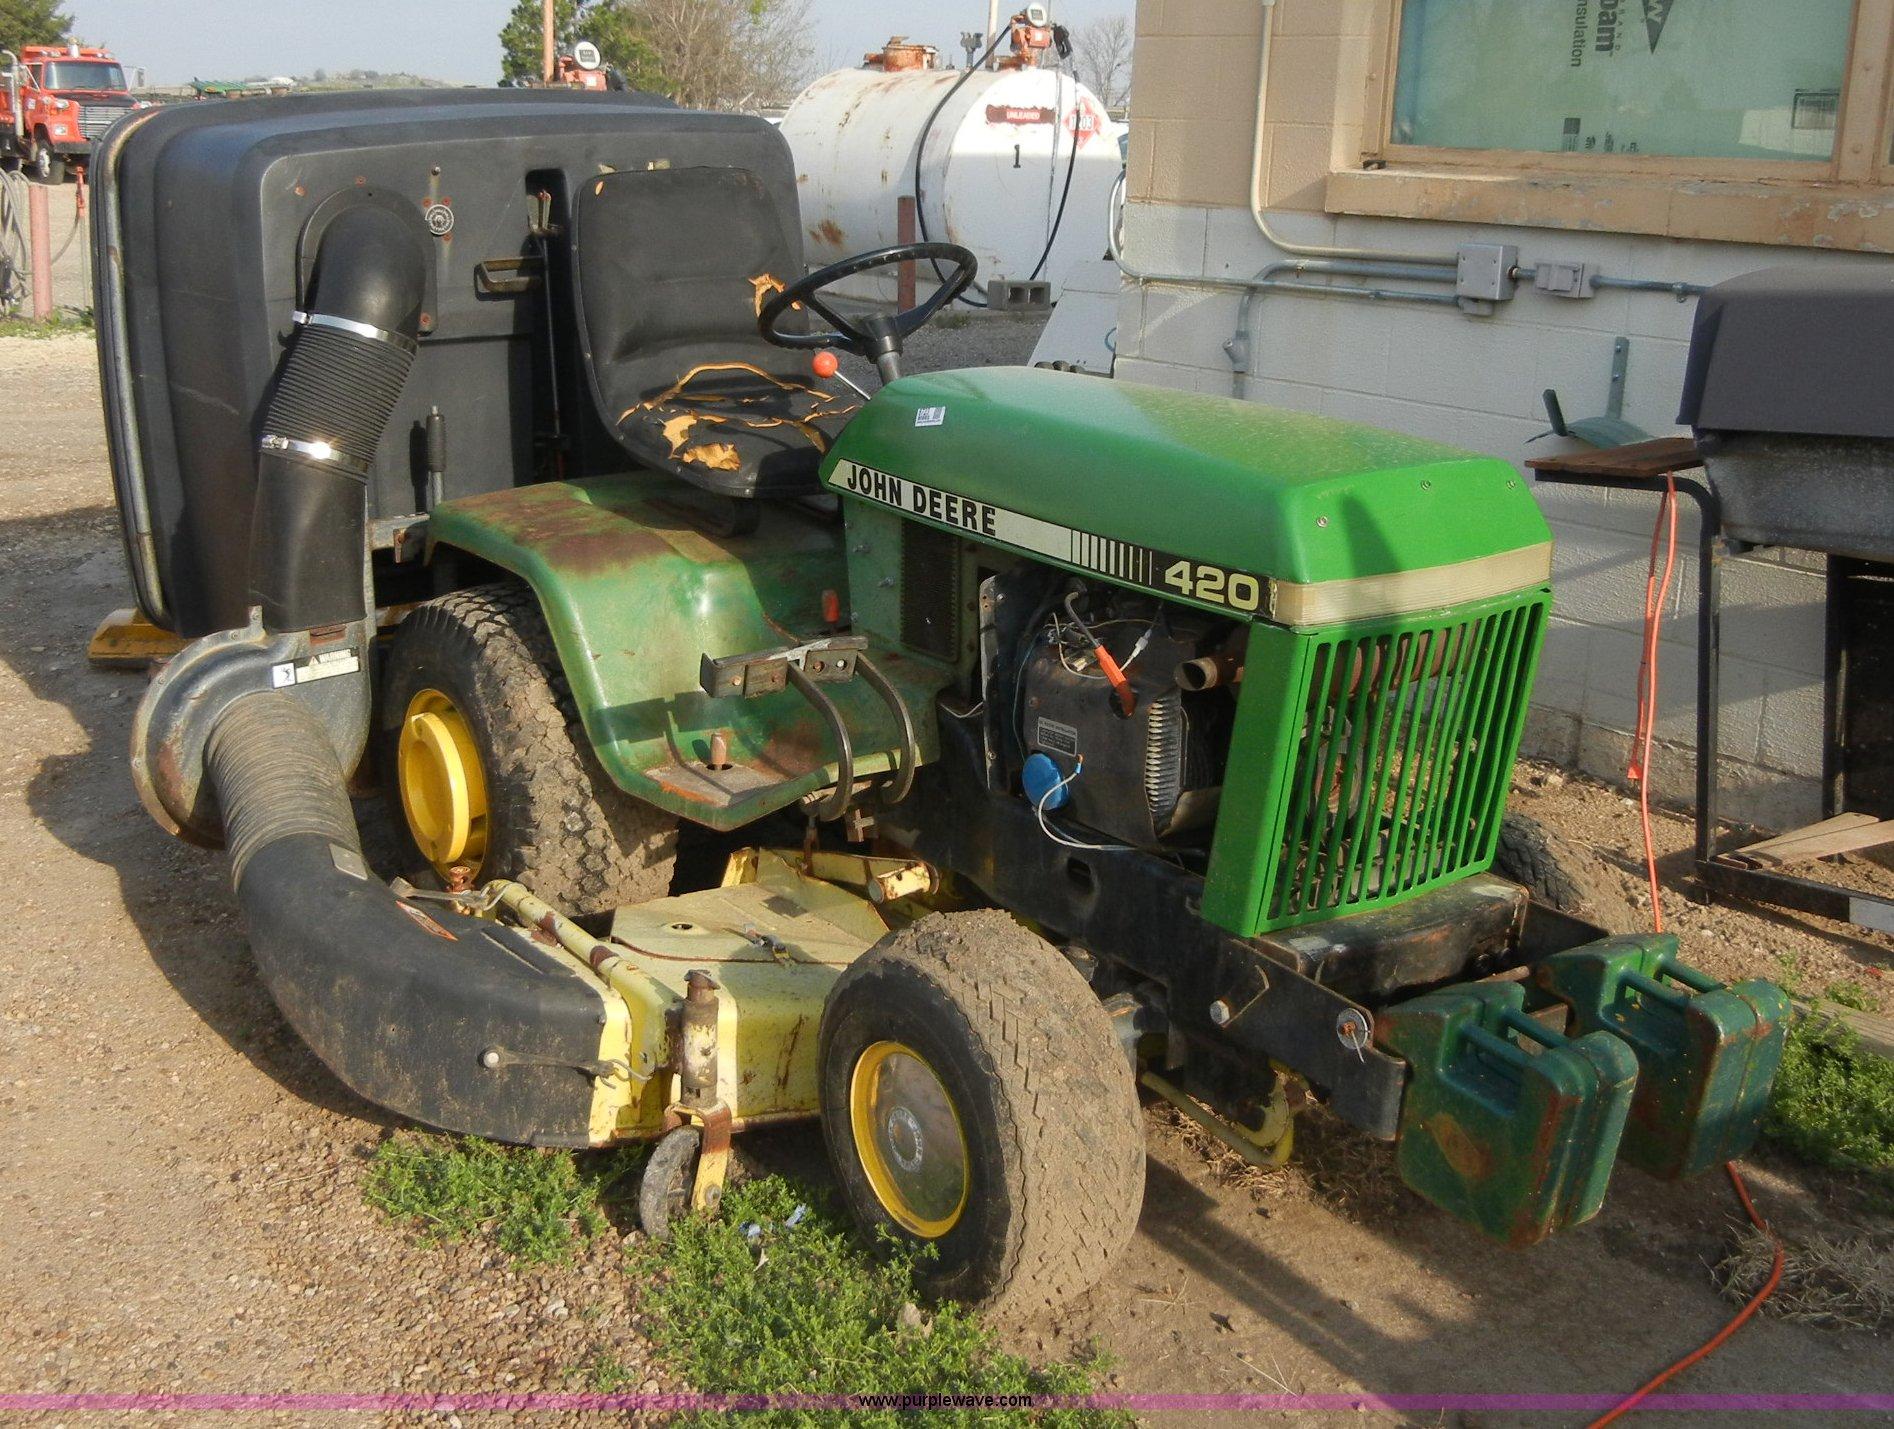 John Deere 420 Garden Tractor Specs Garden Ftempo